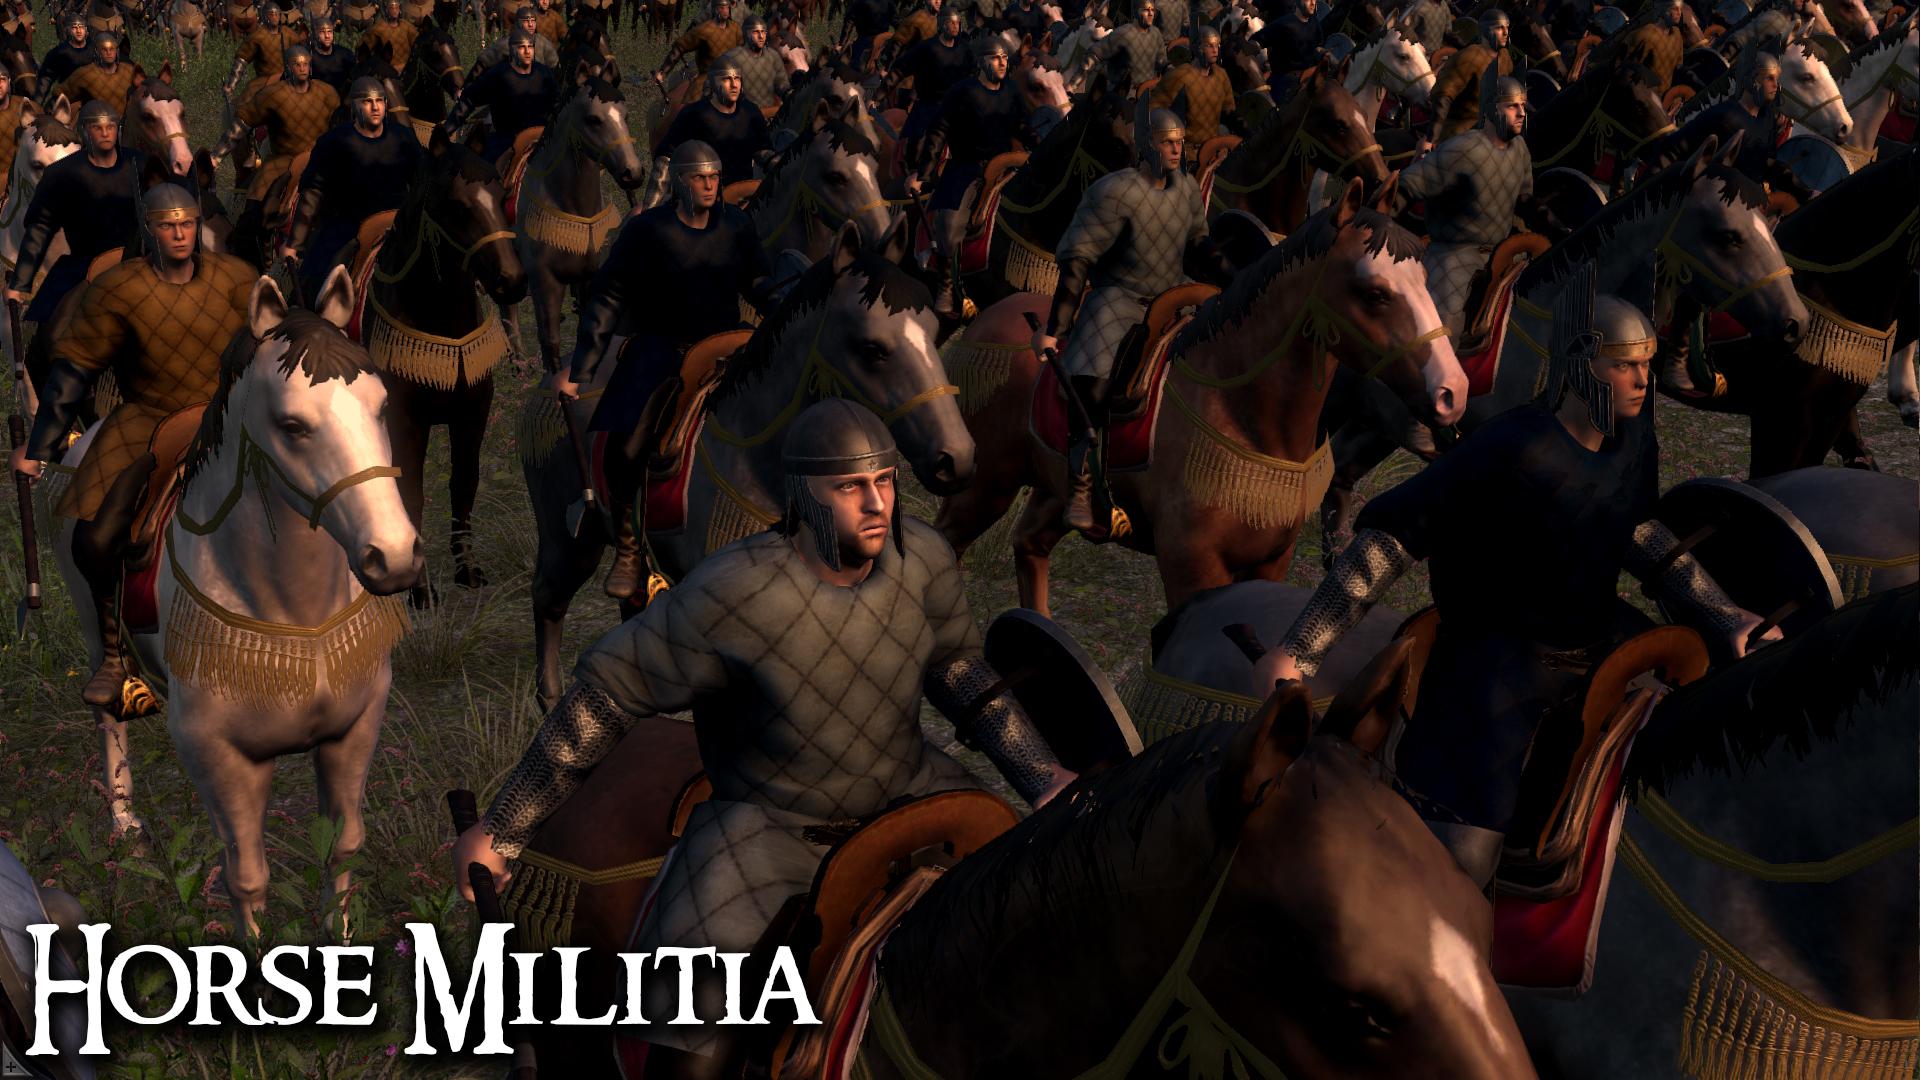 Horse Militia